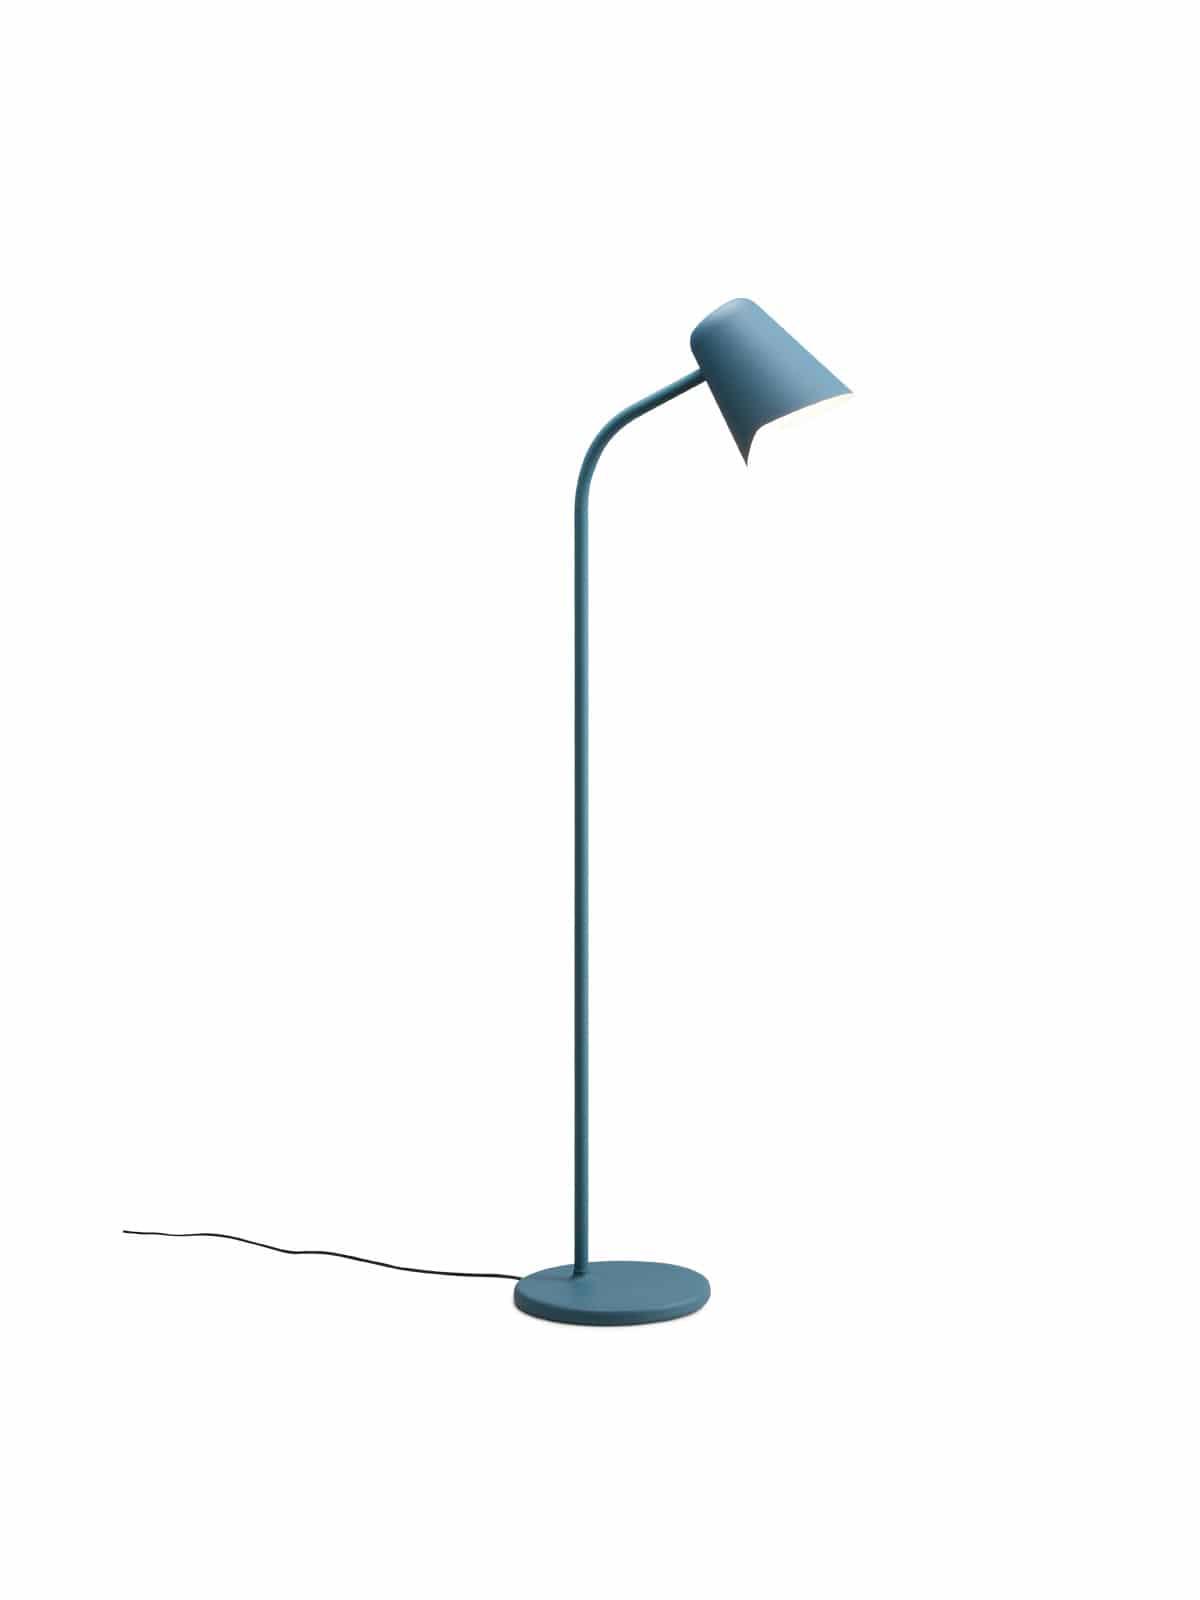 Stehlampe Me von Northern Lighting Onlineshop DesignOrt